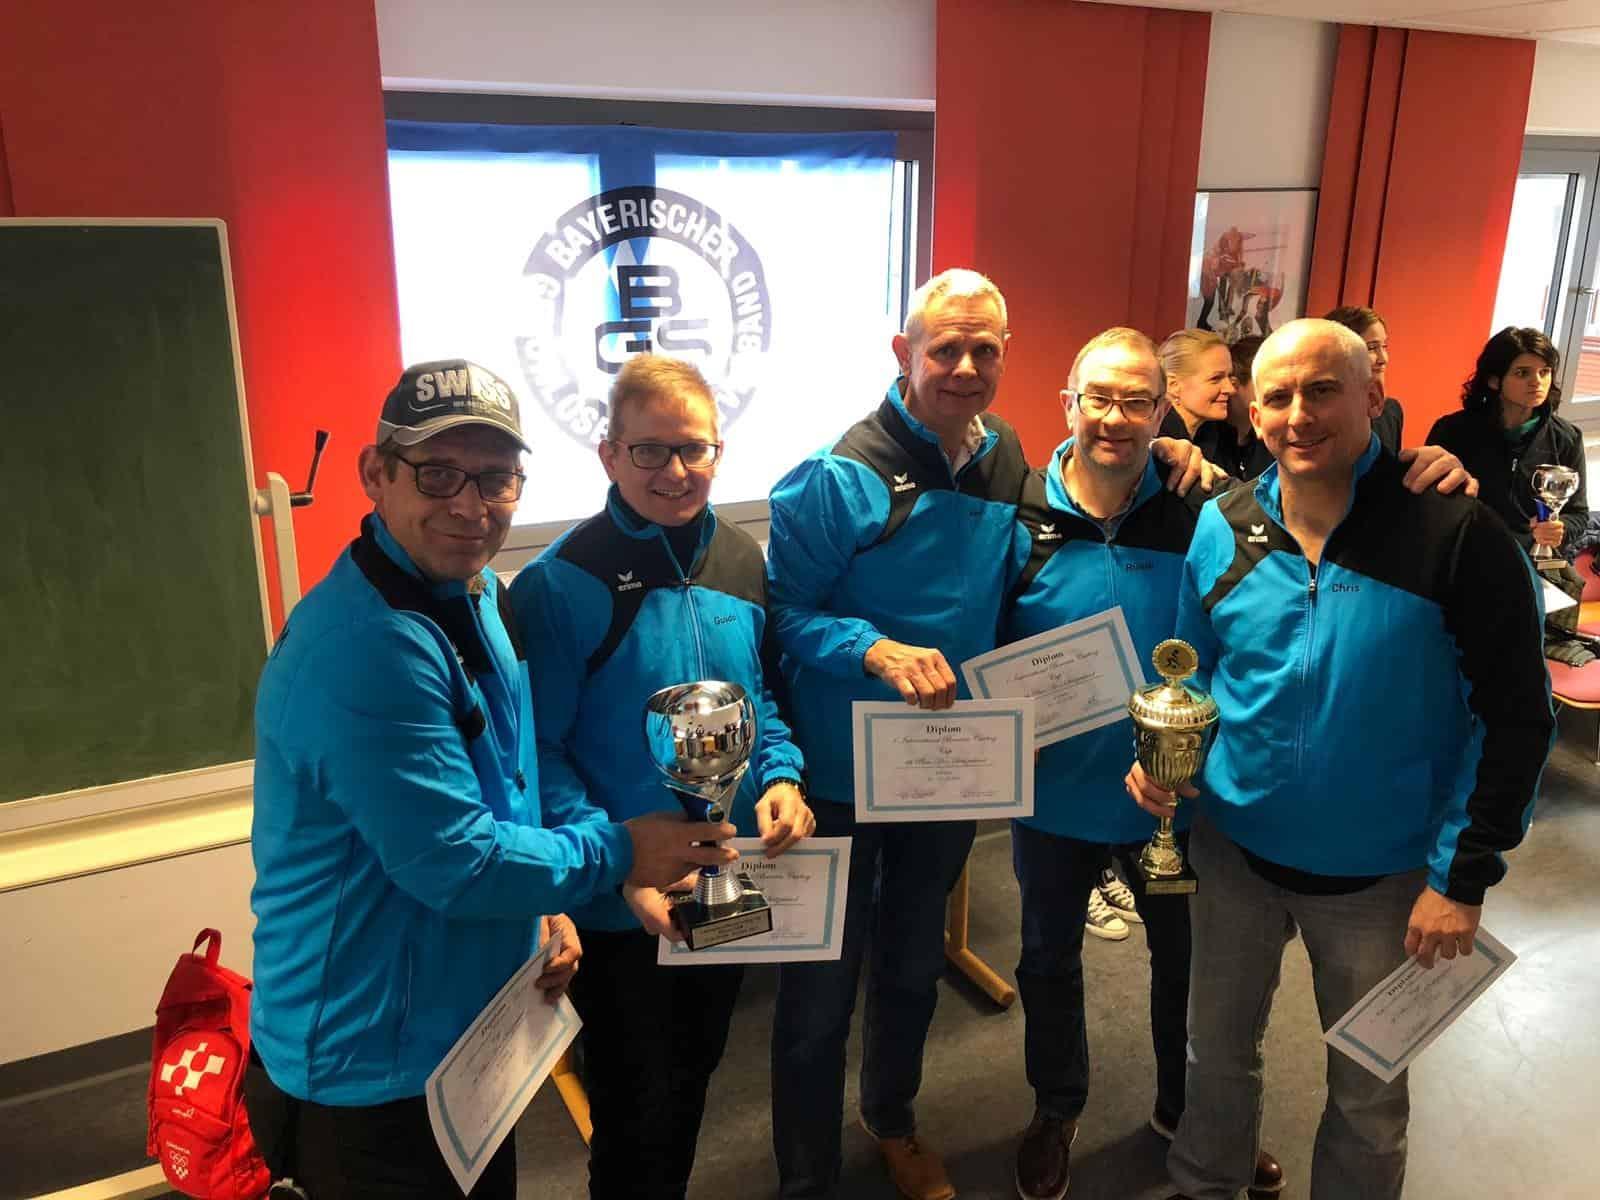 Gehörlosen Turnier Füssen 2018